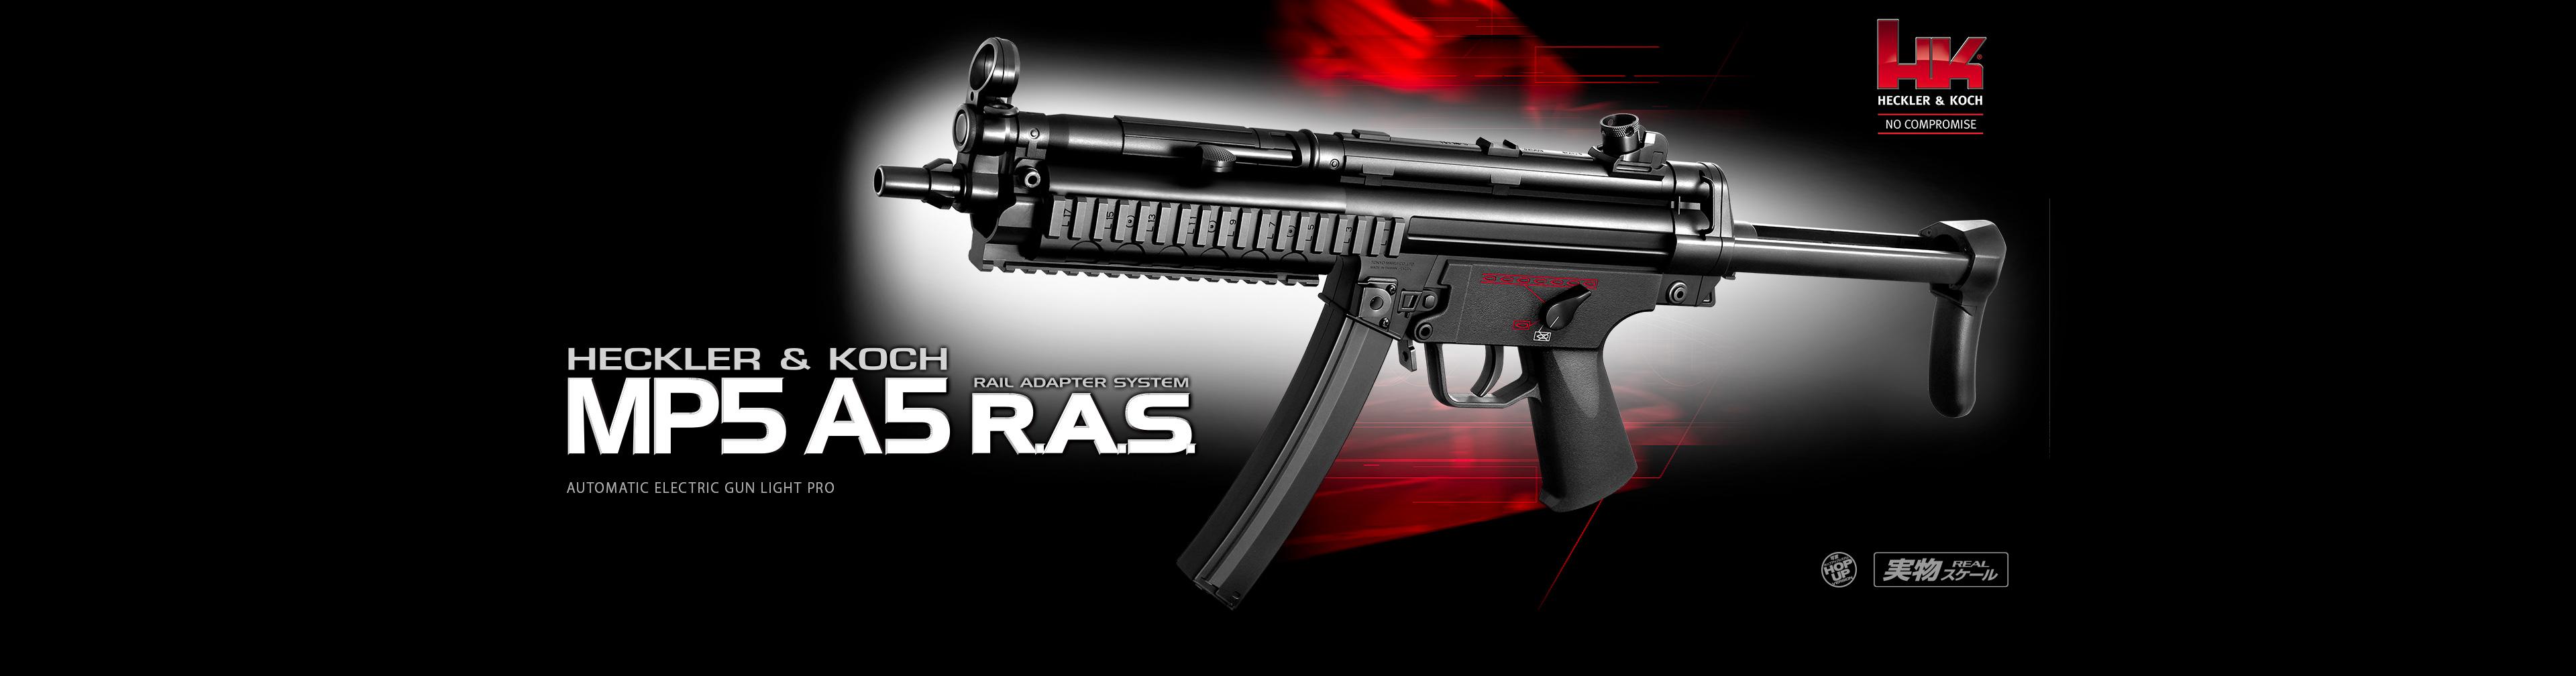 MP5A5 R.A.S.